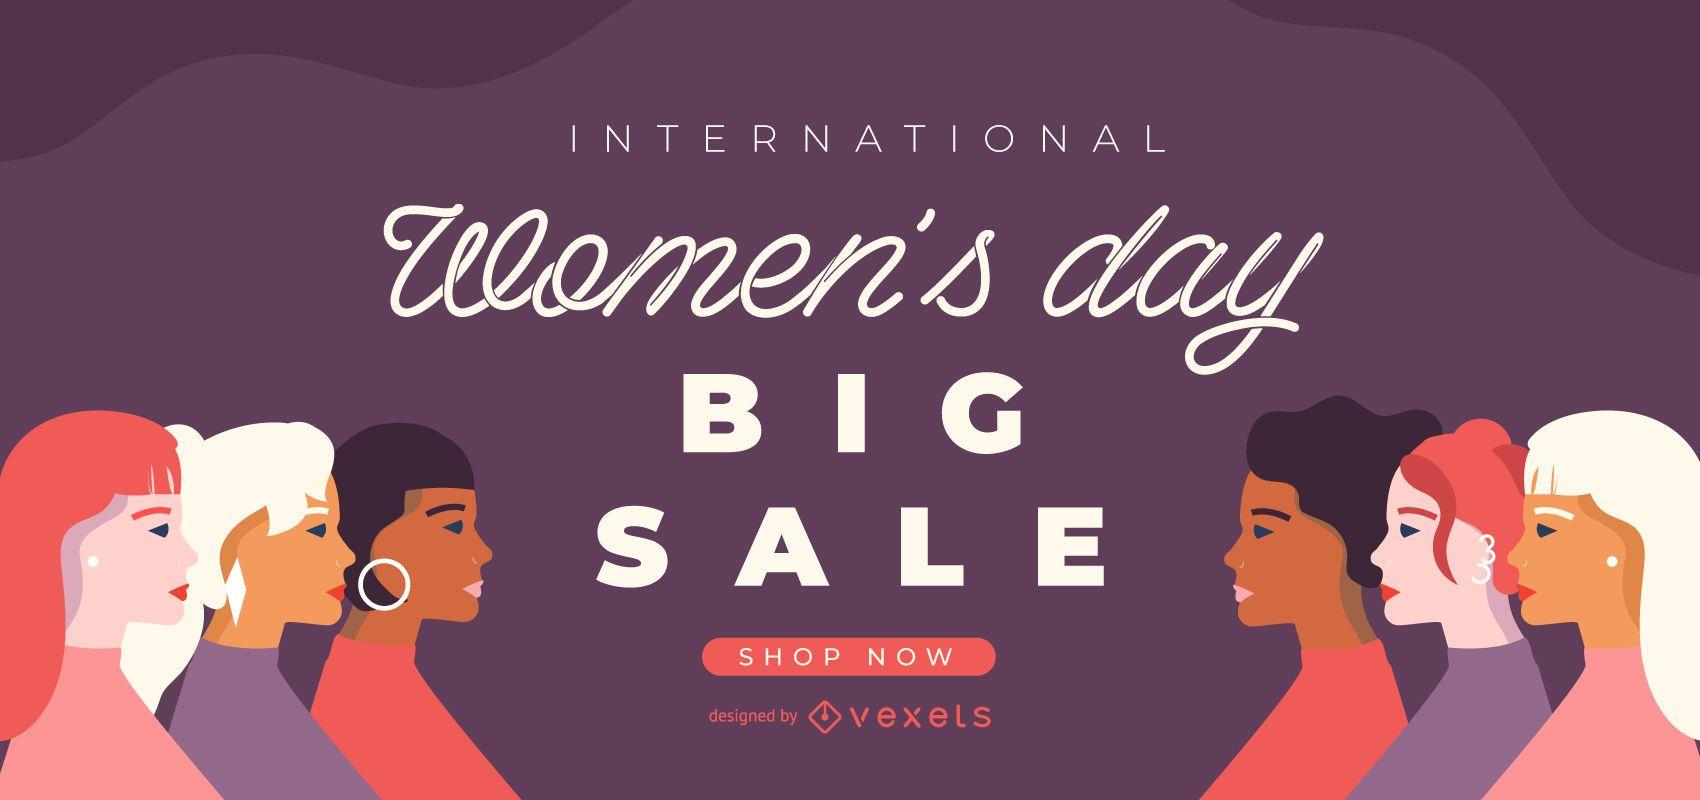 International Women's day sale slider